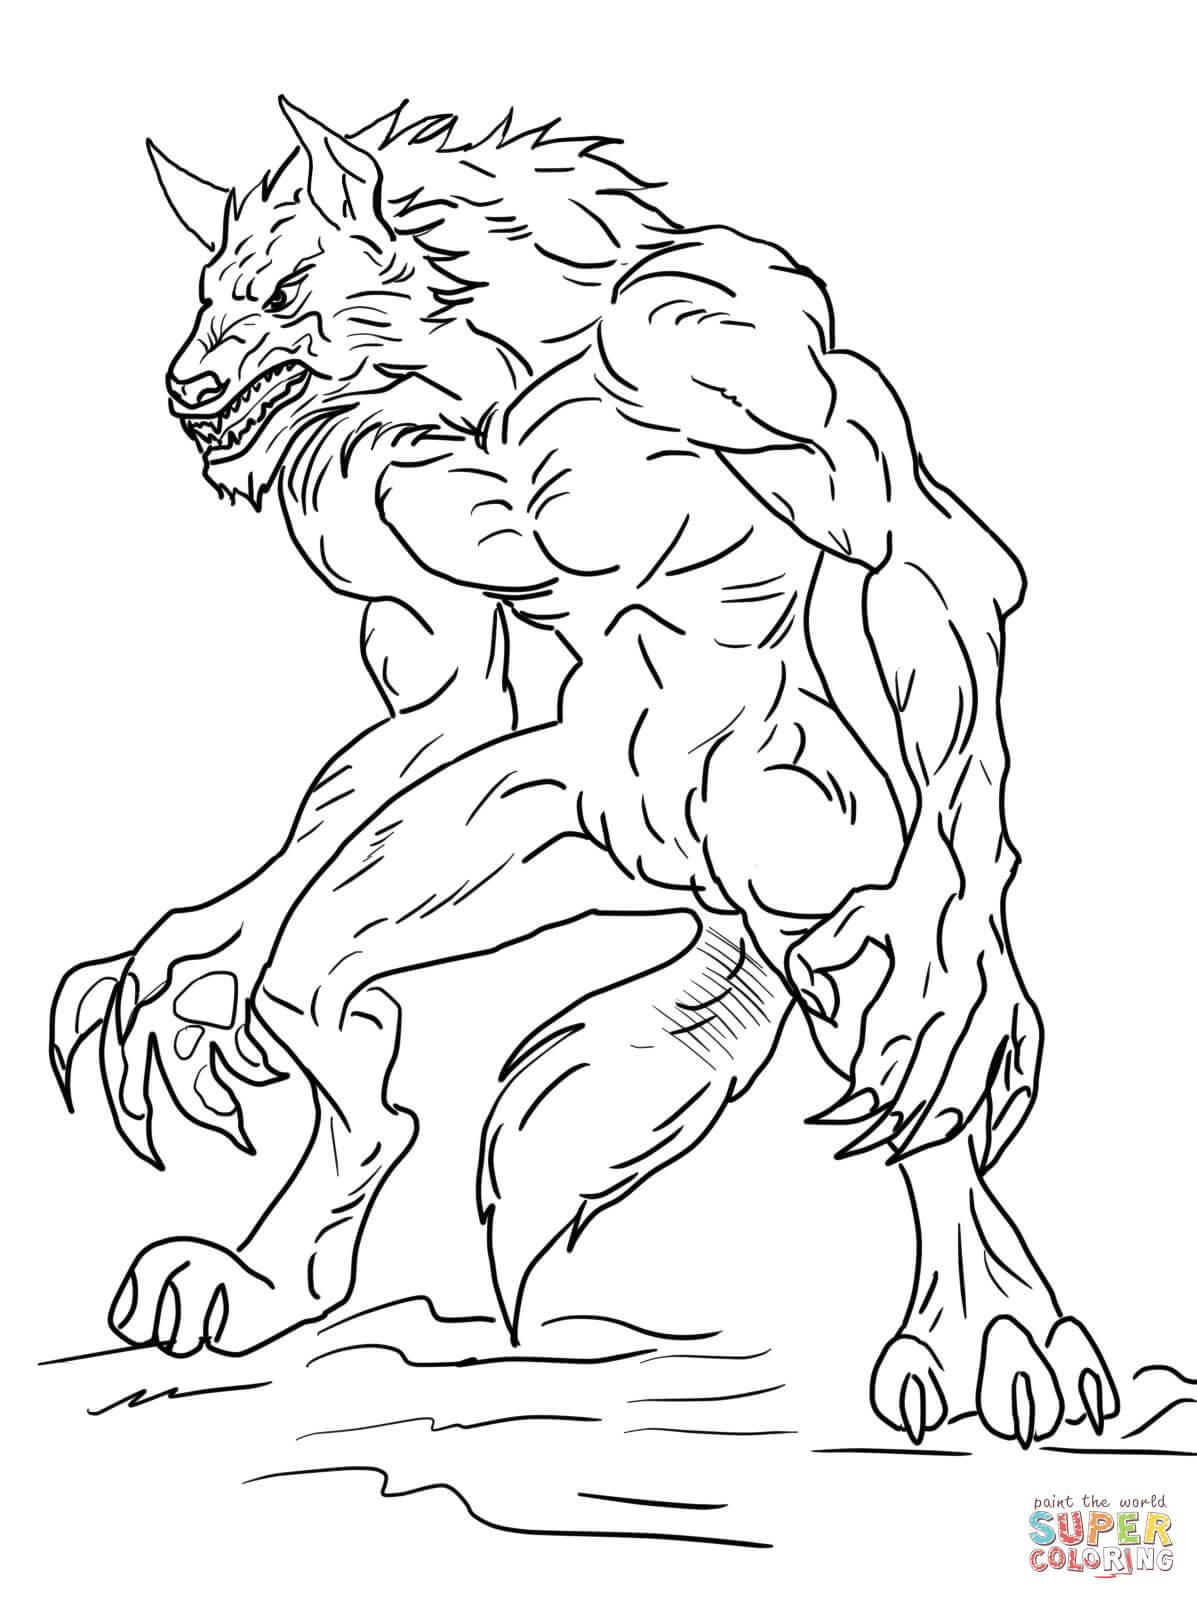 Werwolf Ausmalbilder  Ausmalbild Ben 10 Werwolf